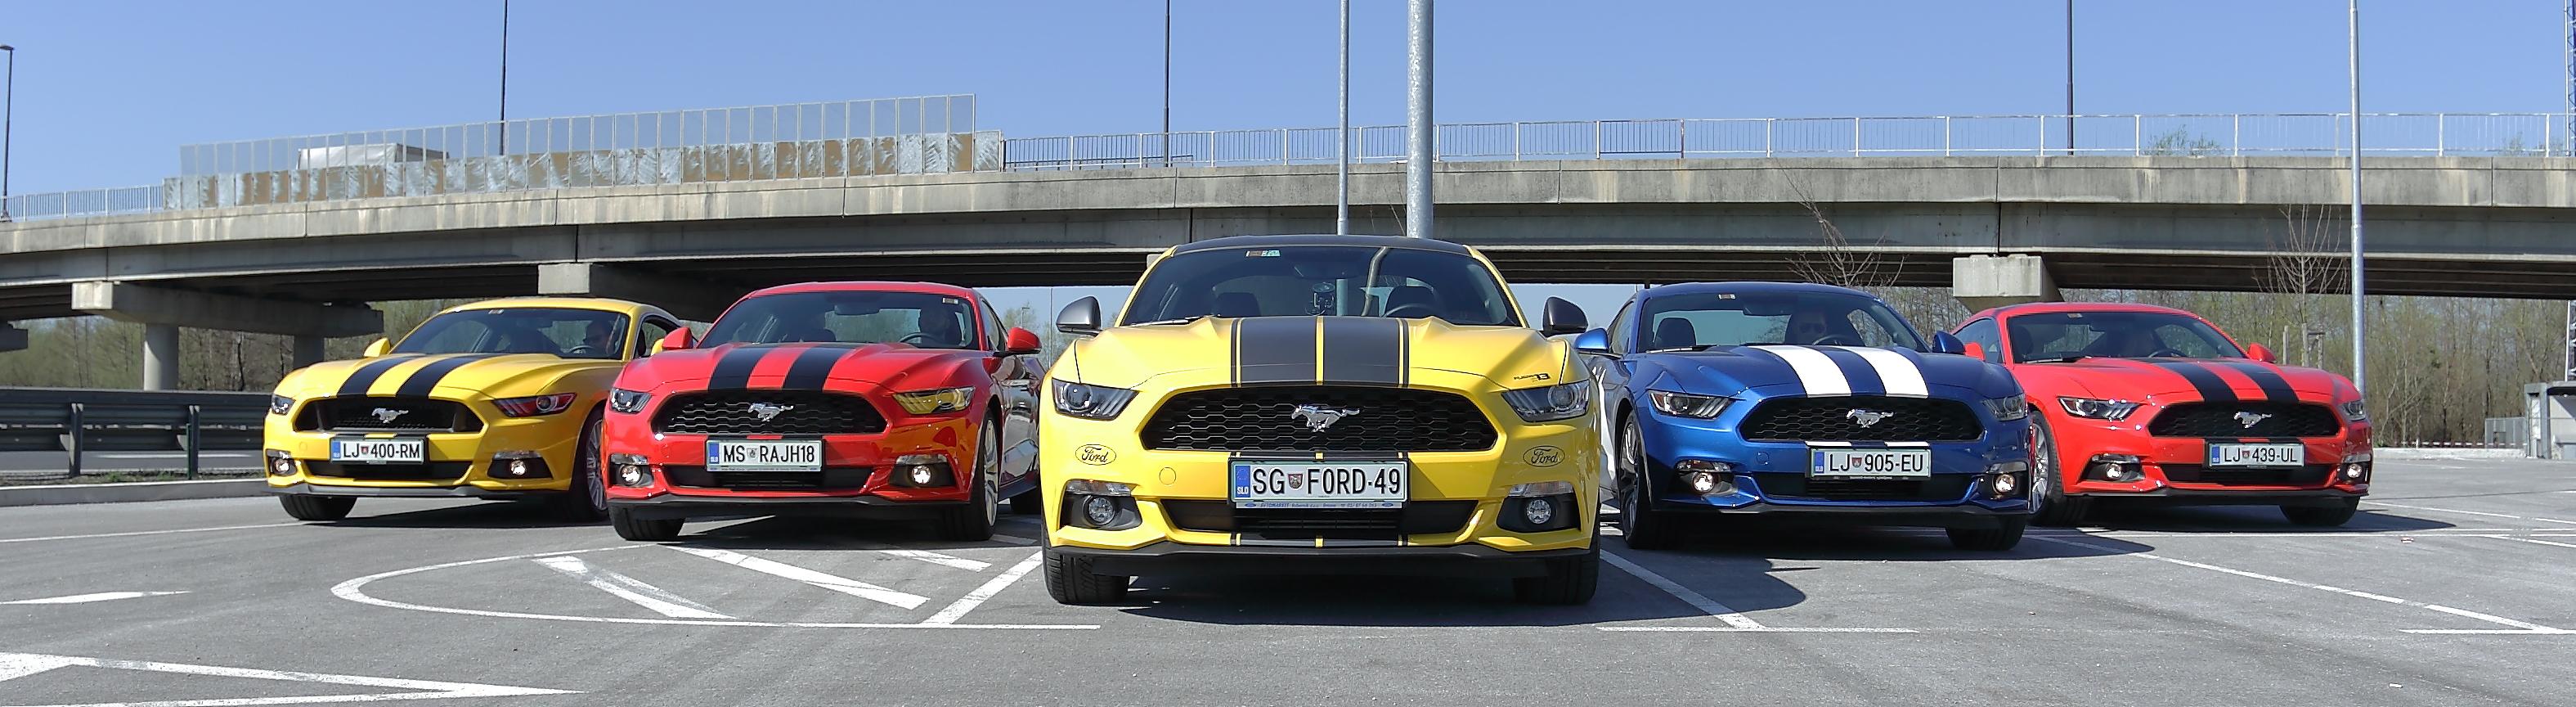 Mustangi so kraljevali na Gospodarskem razstavišču.